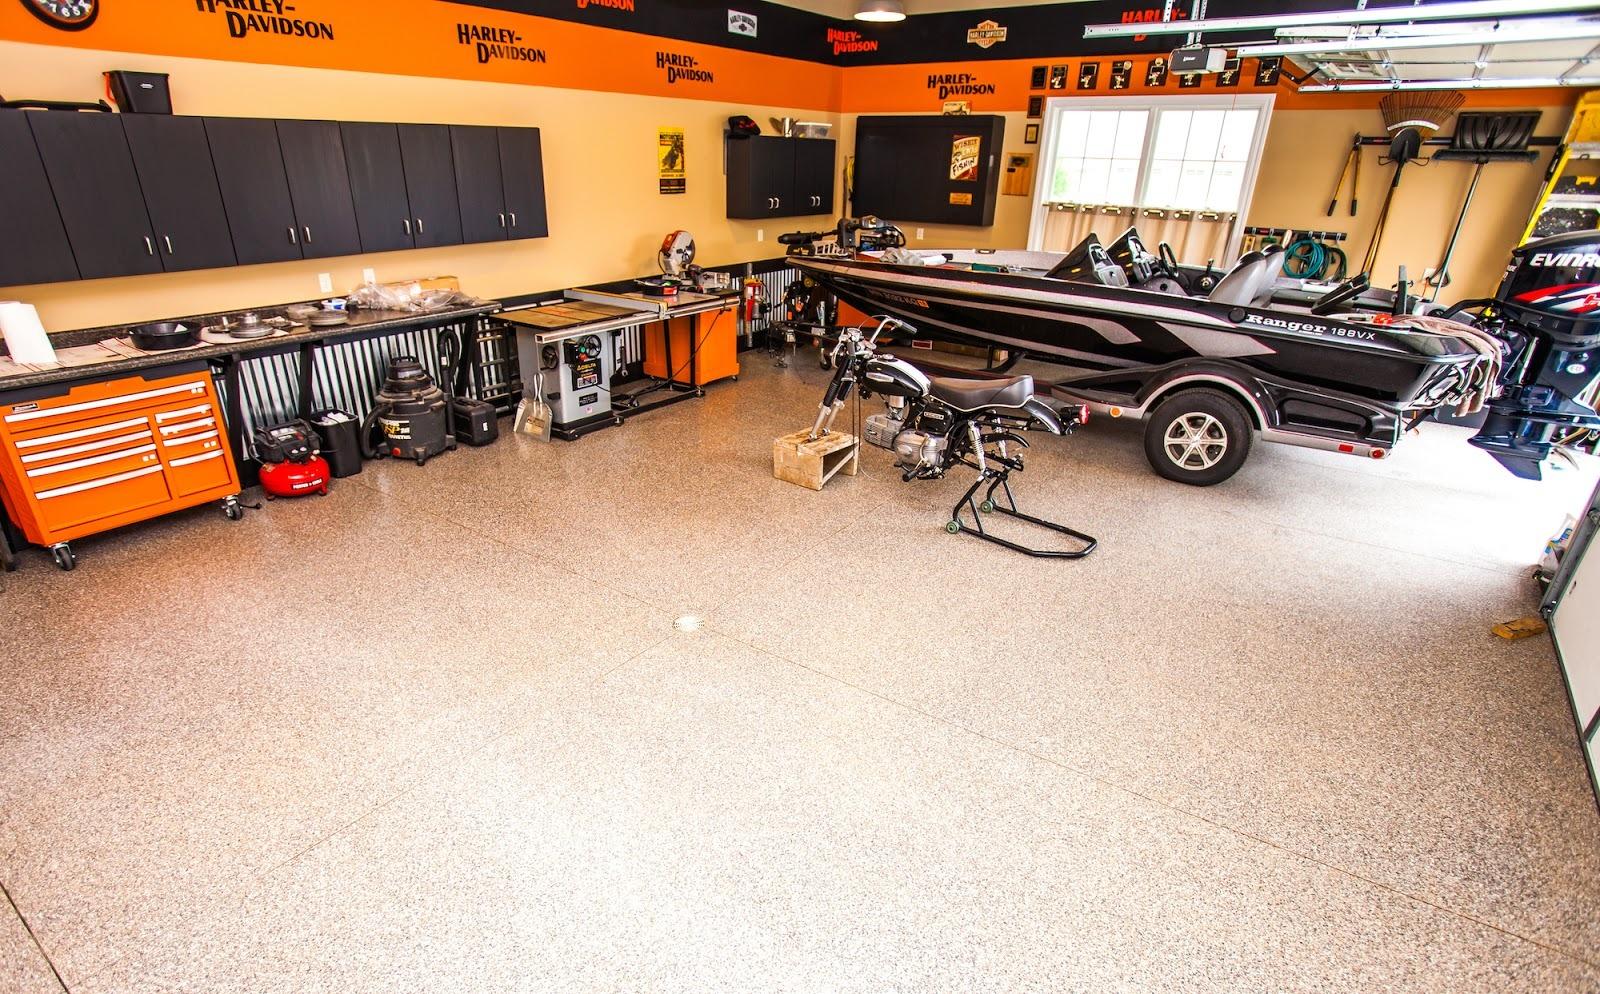 Commercial floor coating in a garage